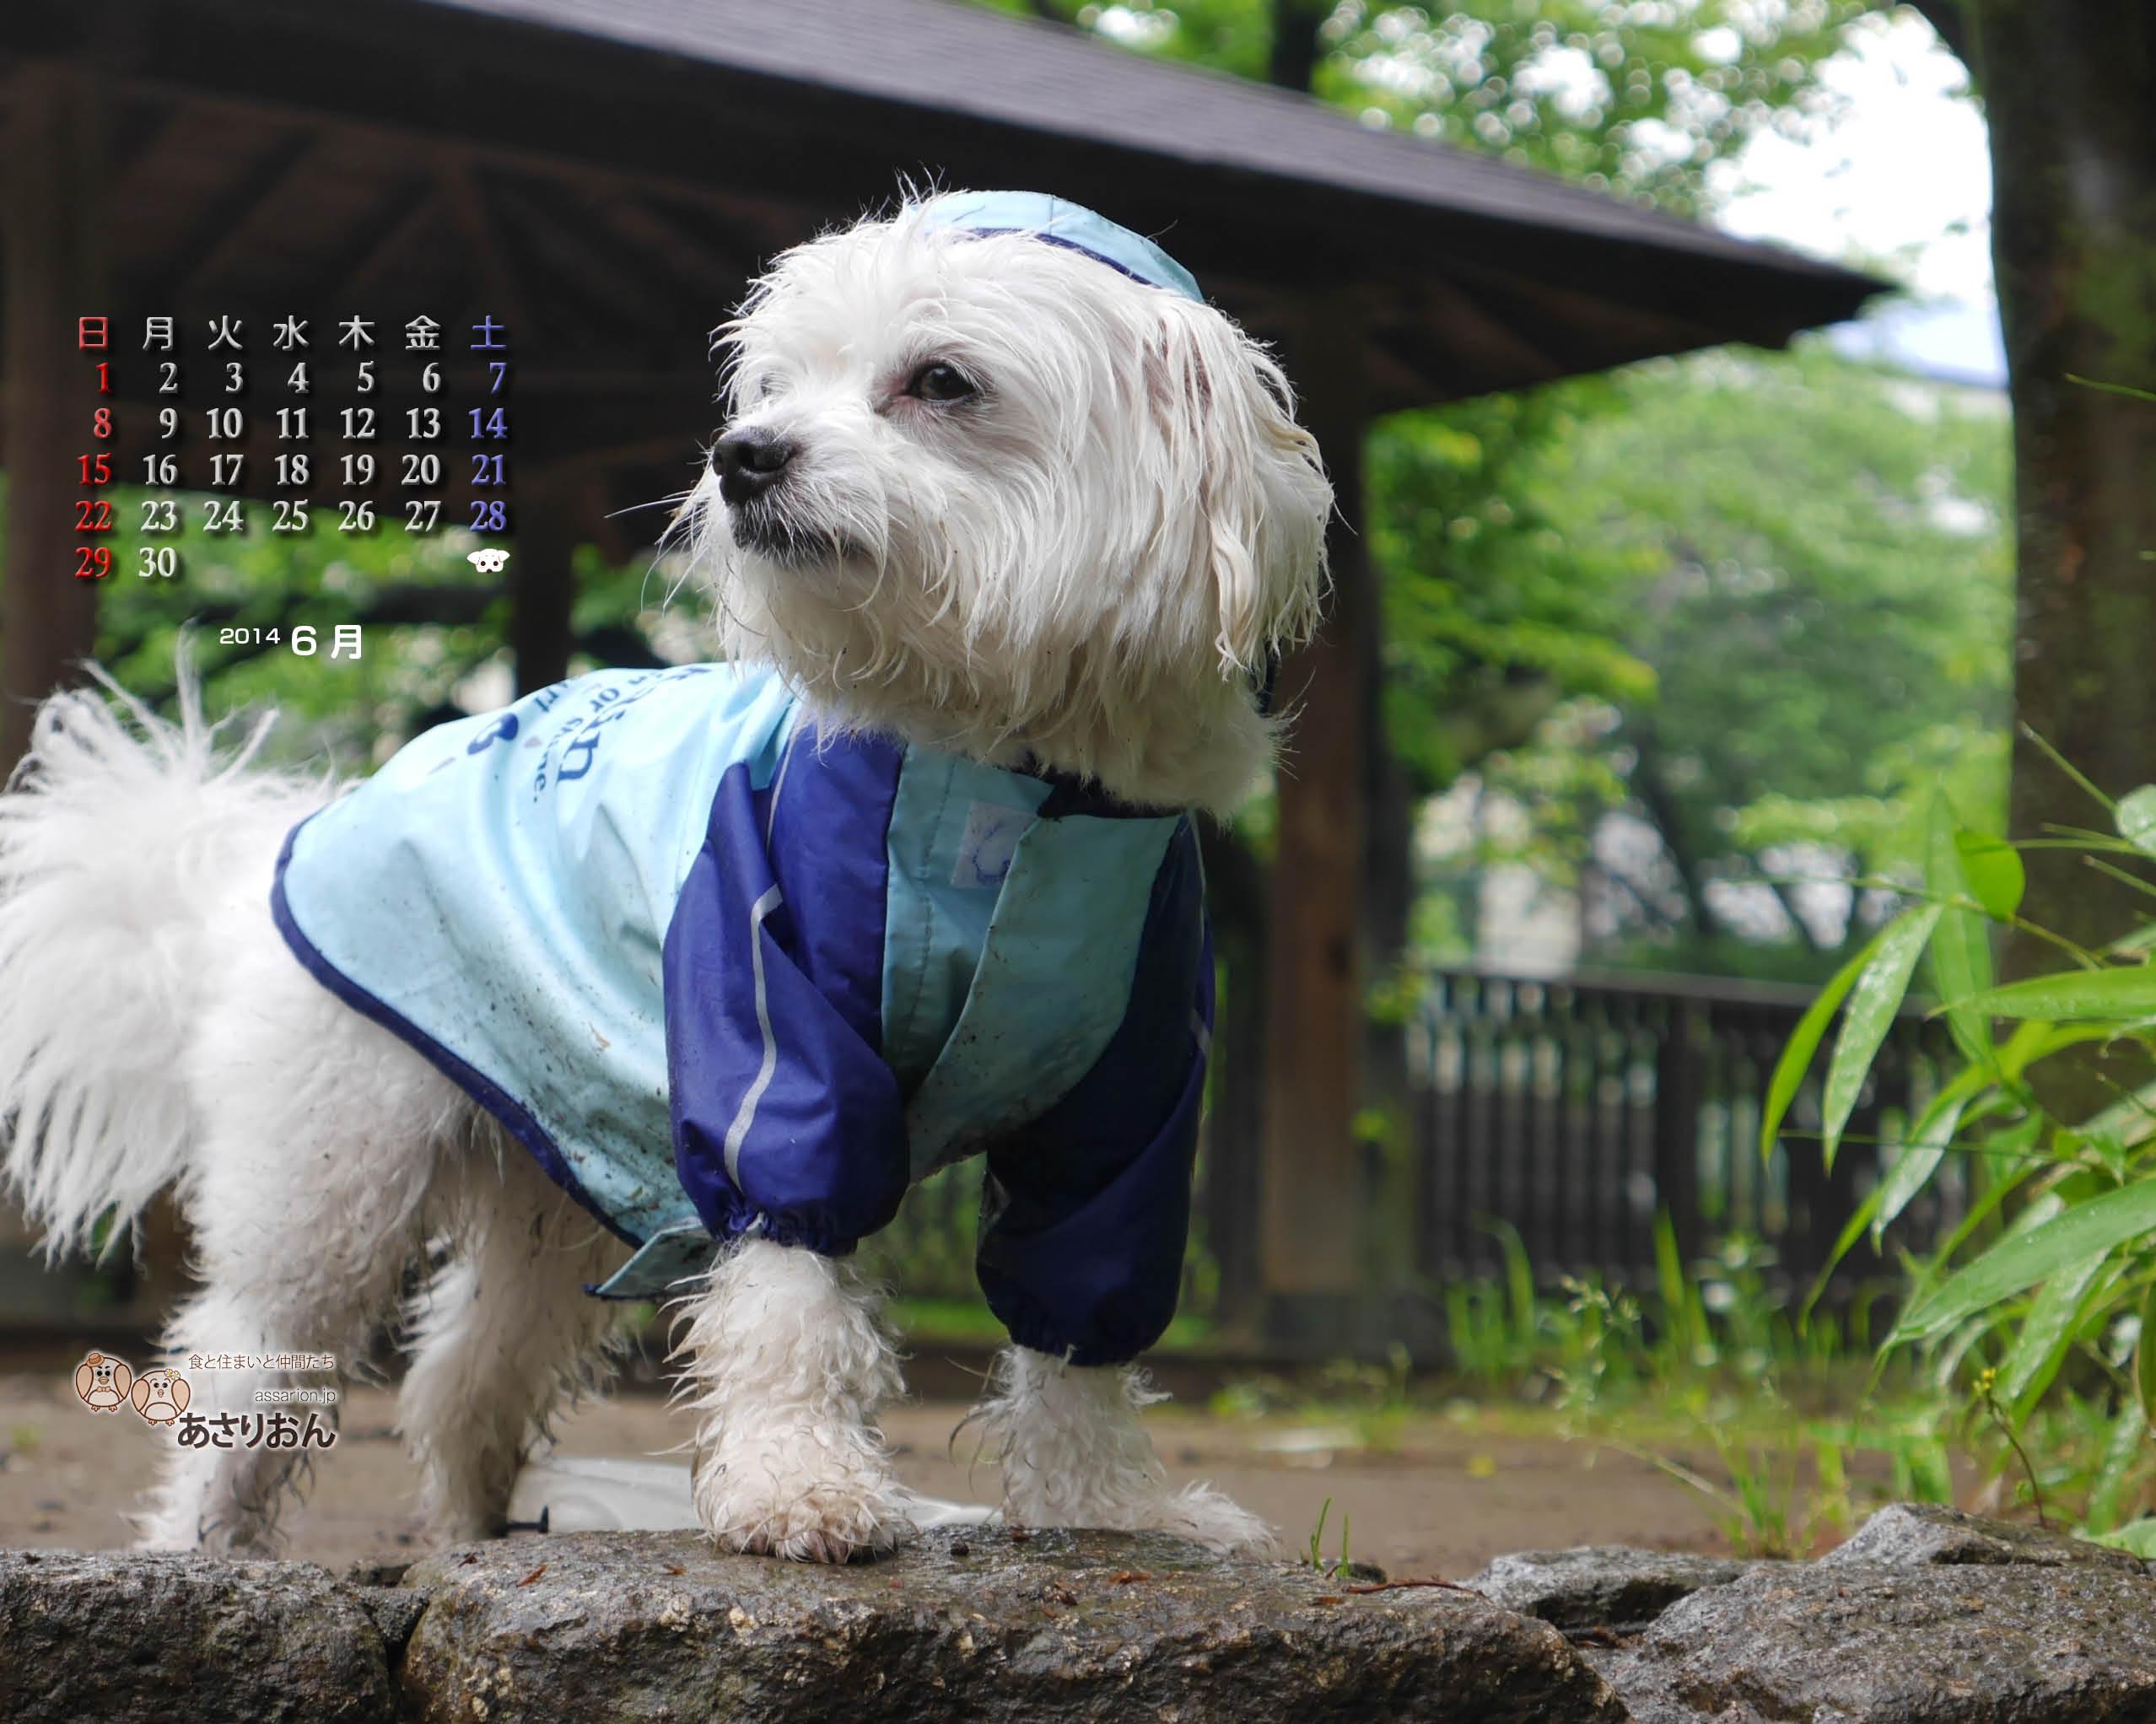 2014_06_calendar_l